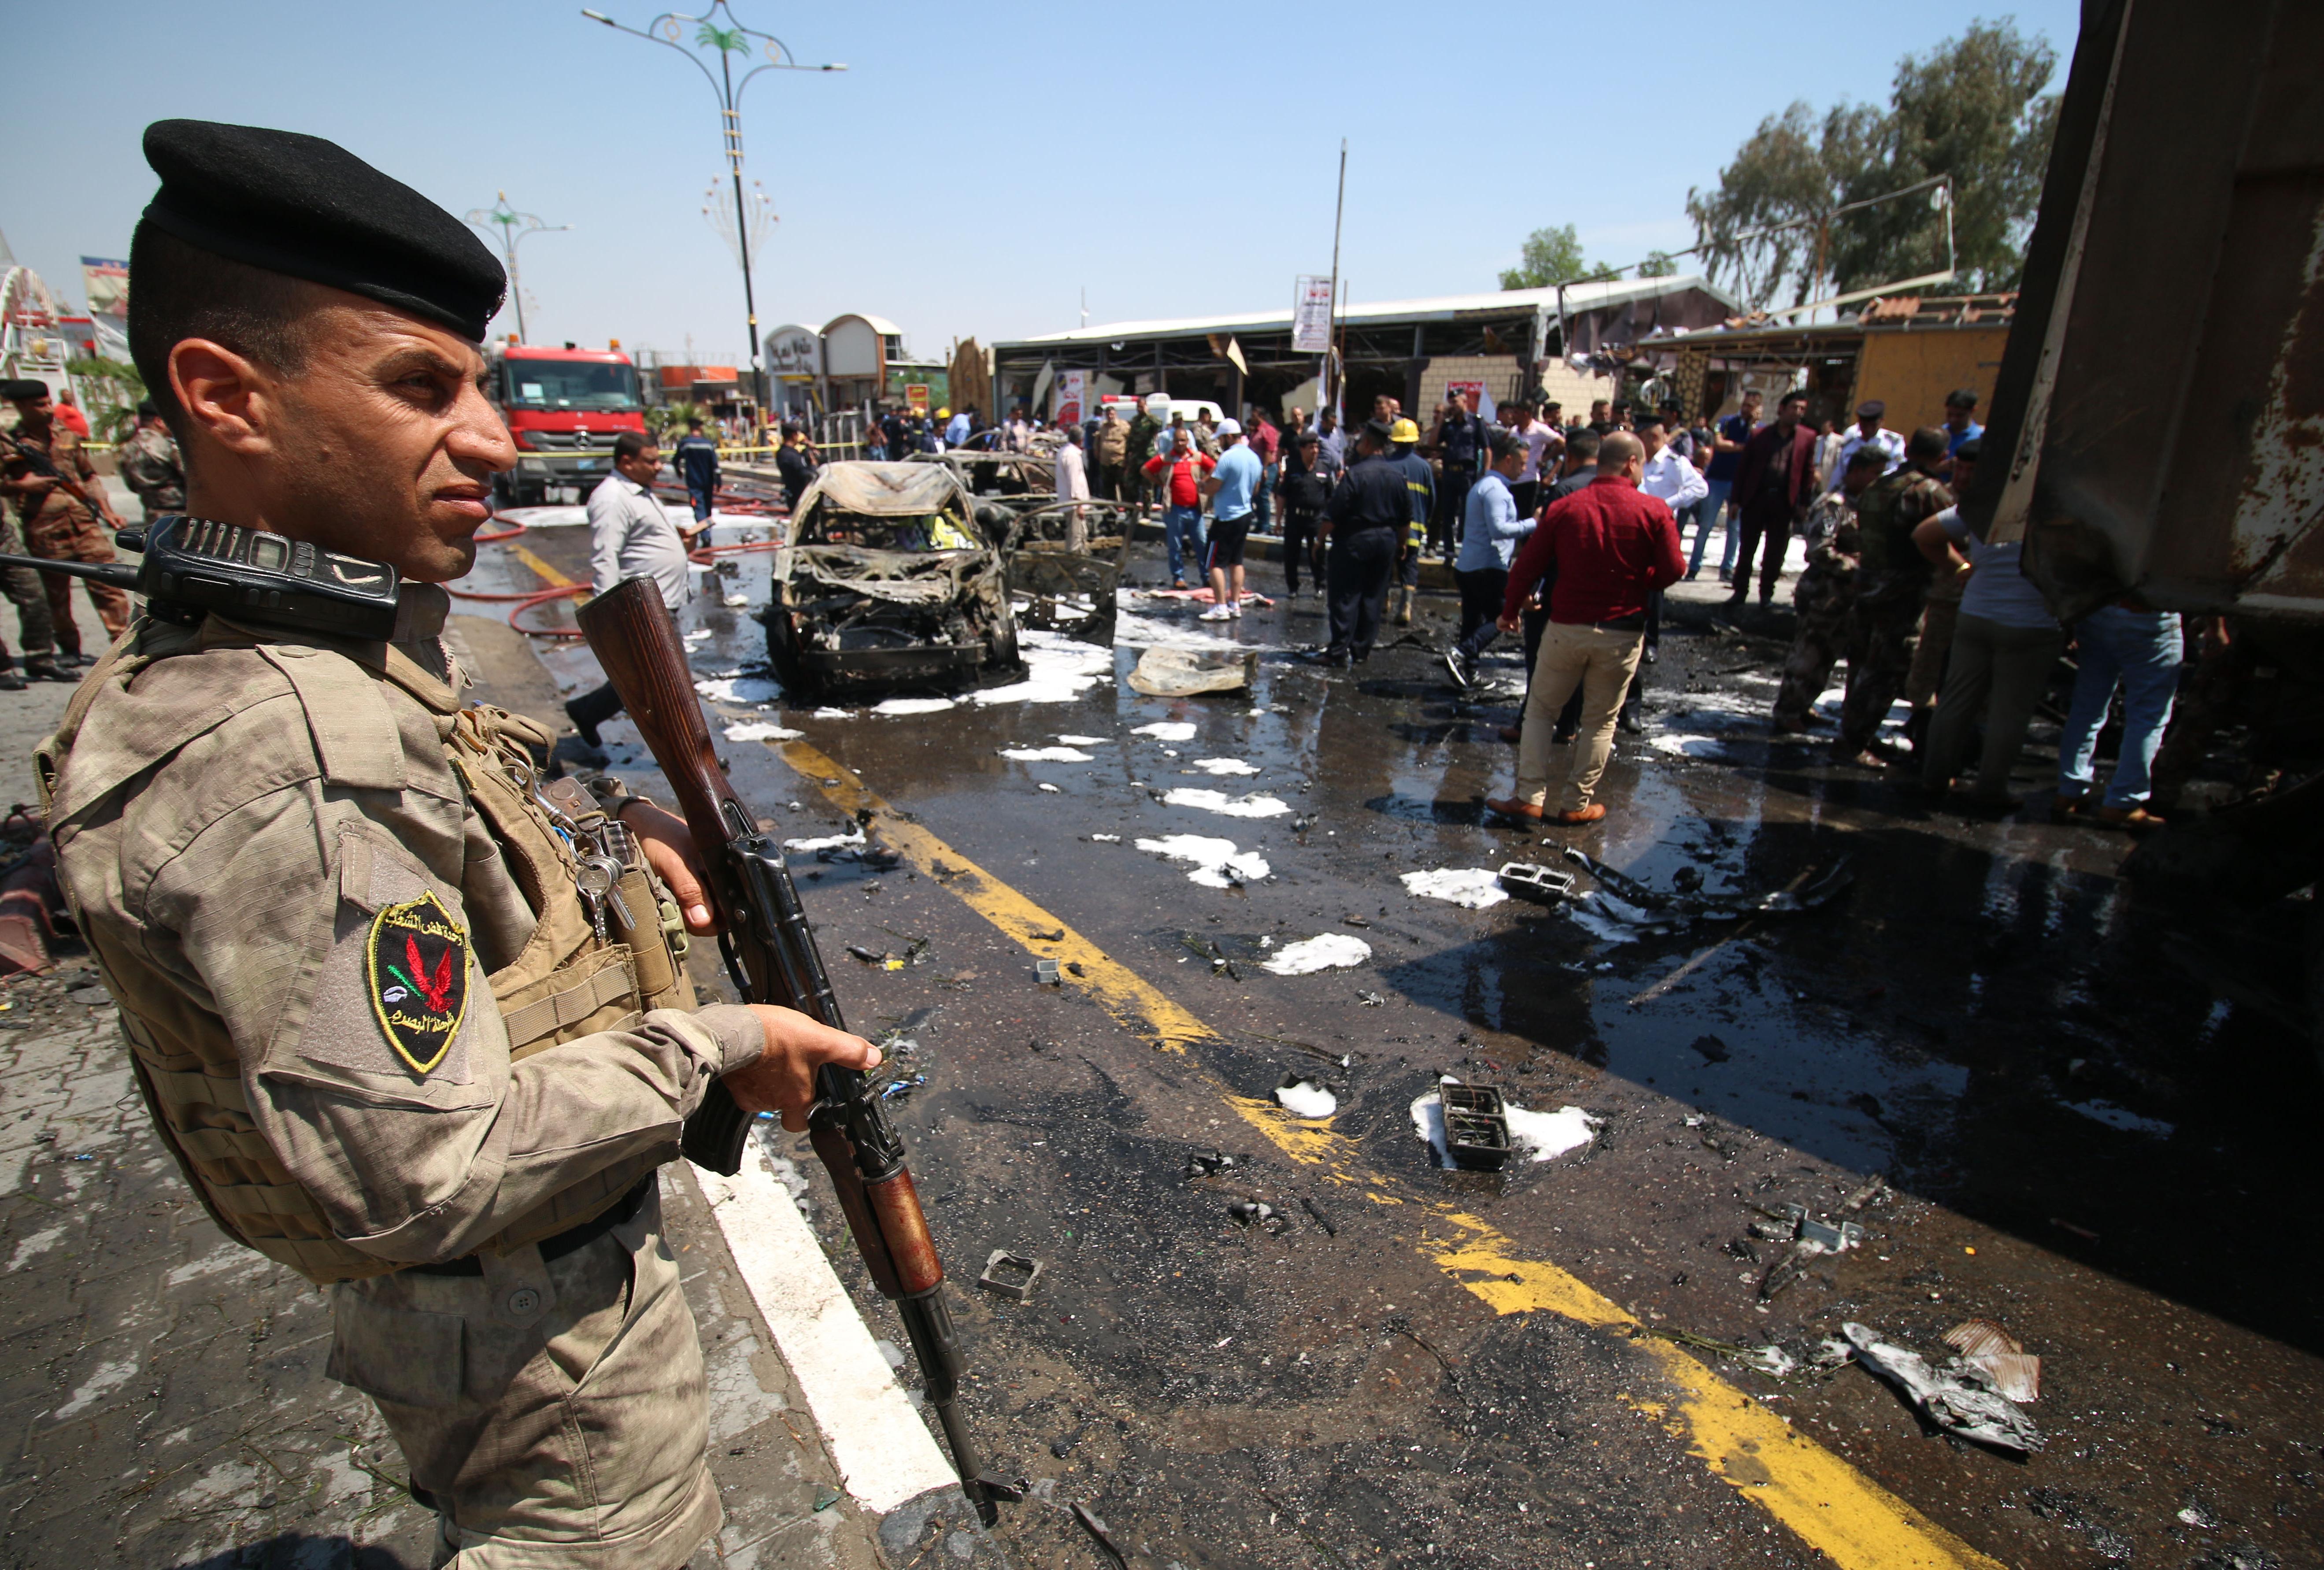 قوات الأمن والطوارئ العراقية في موقع التفجير في البصرة